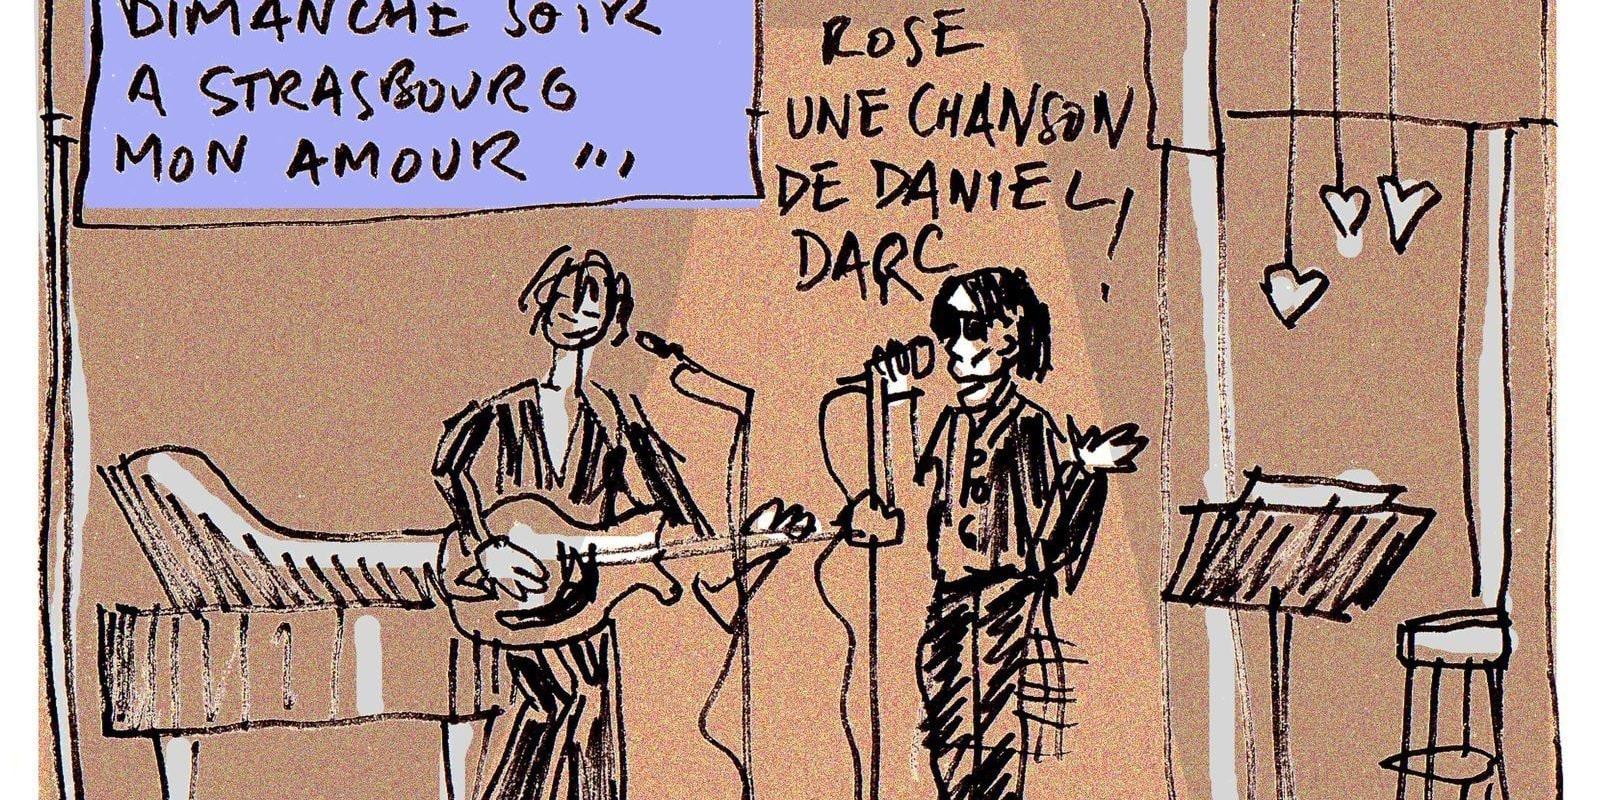 Dani en clôture de Strasbourg Mon Amour…